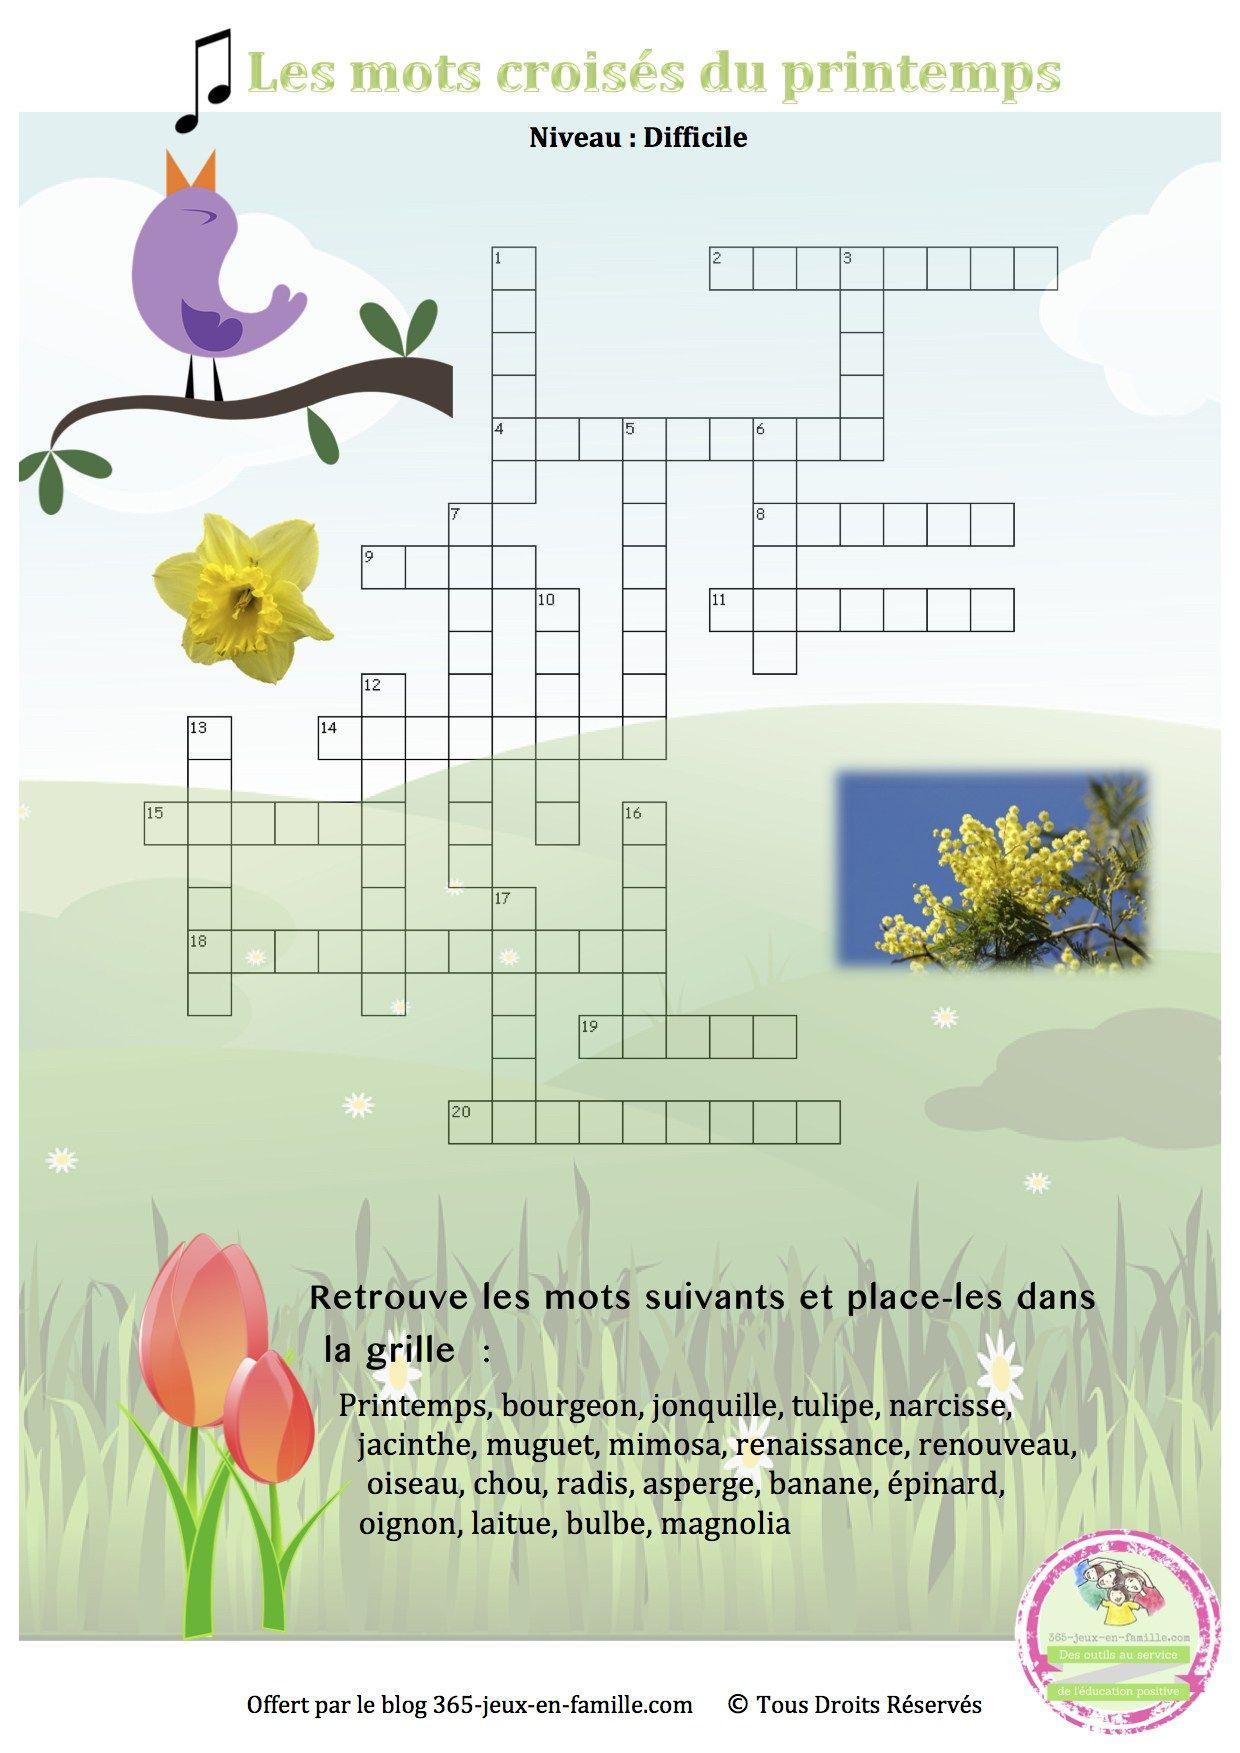 12 Jeux Gratuits À Imprimer Pour Le Printemps | Crossword tout Puzzle Gratuit Enfant